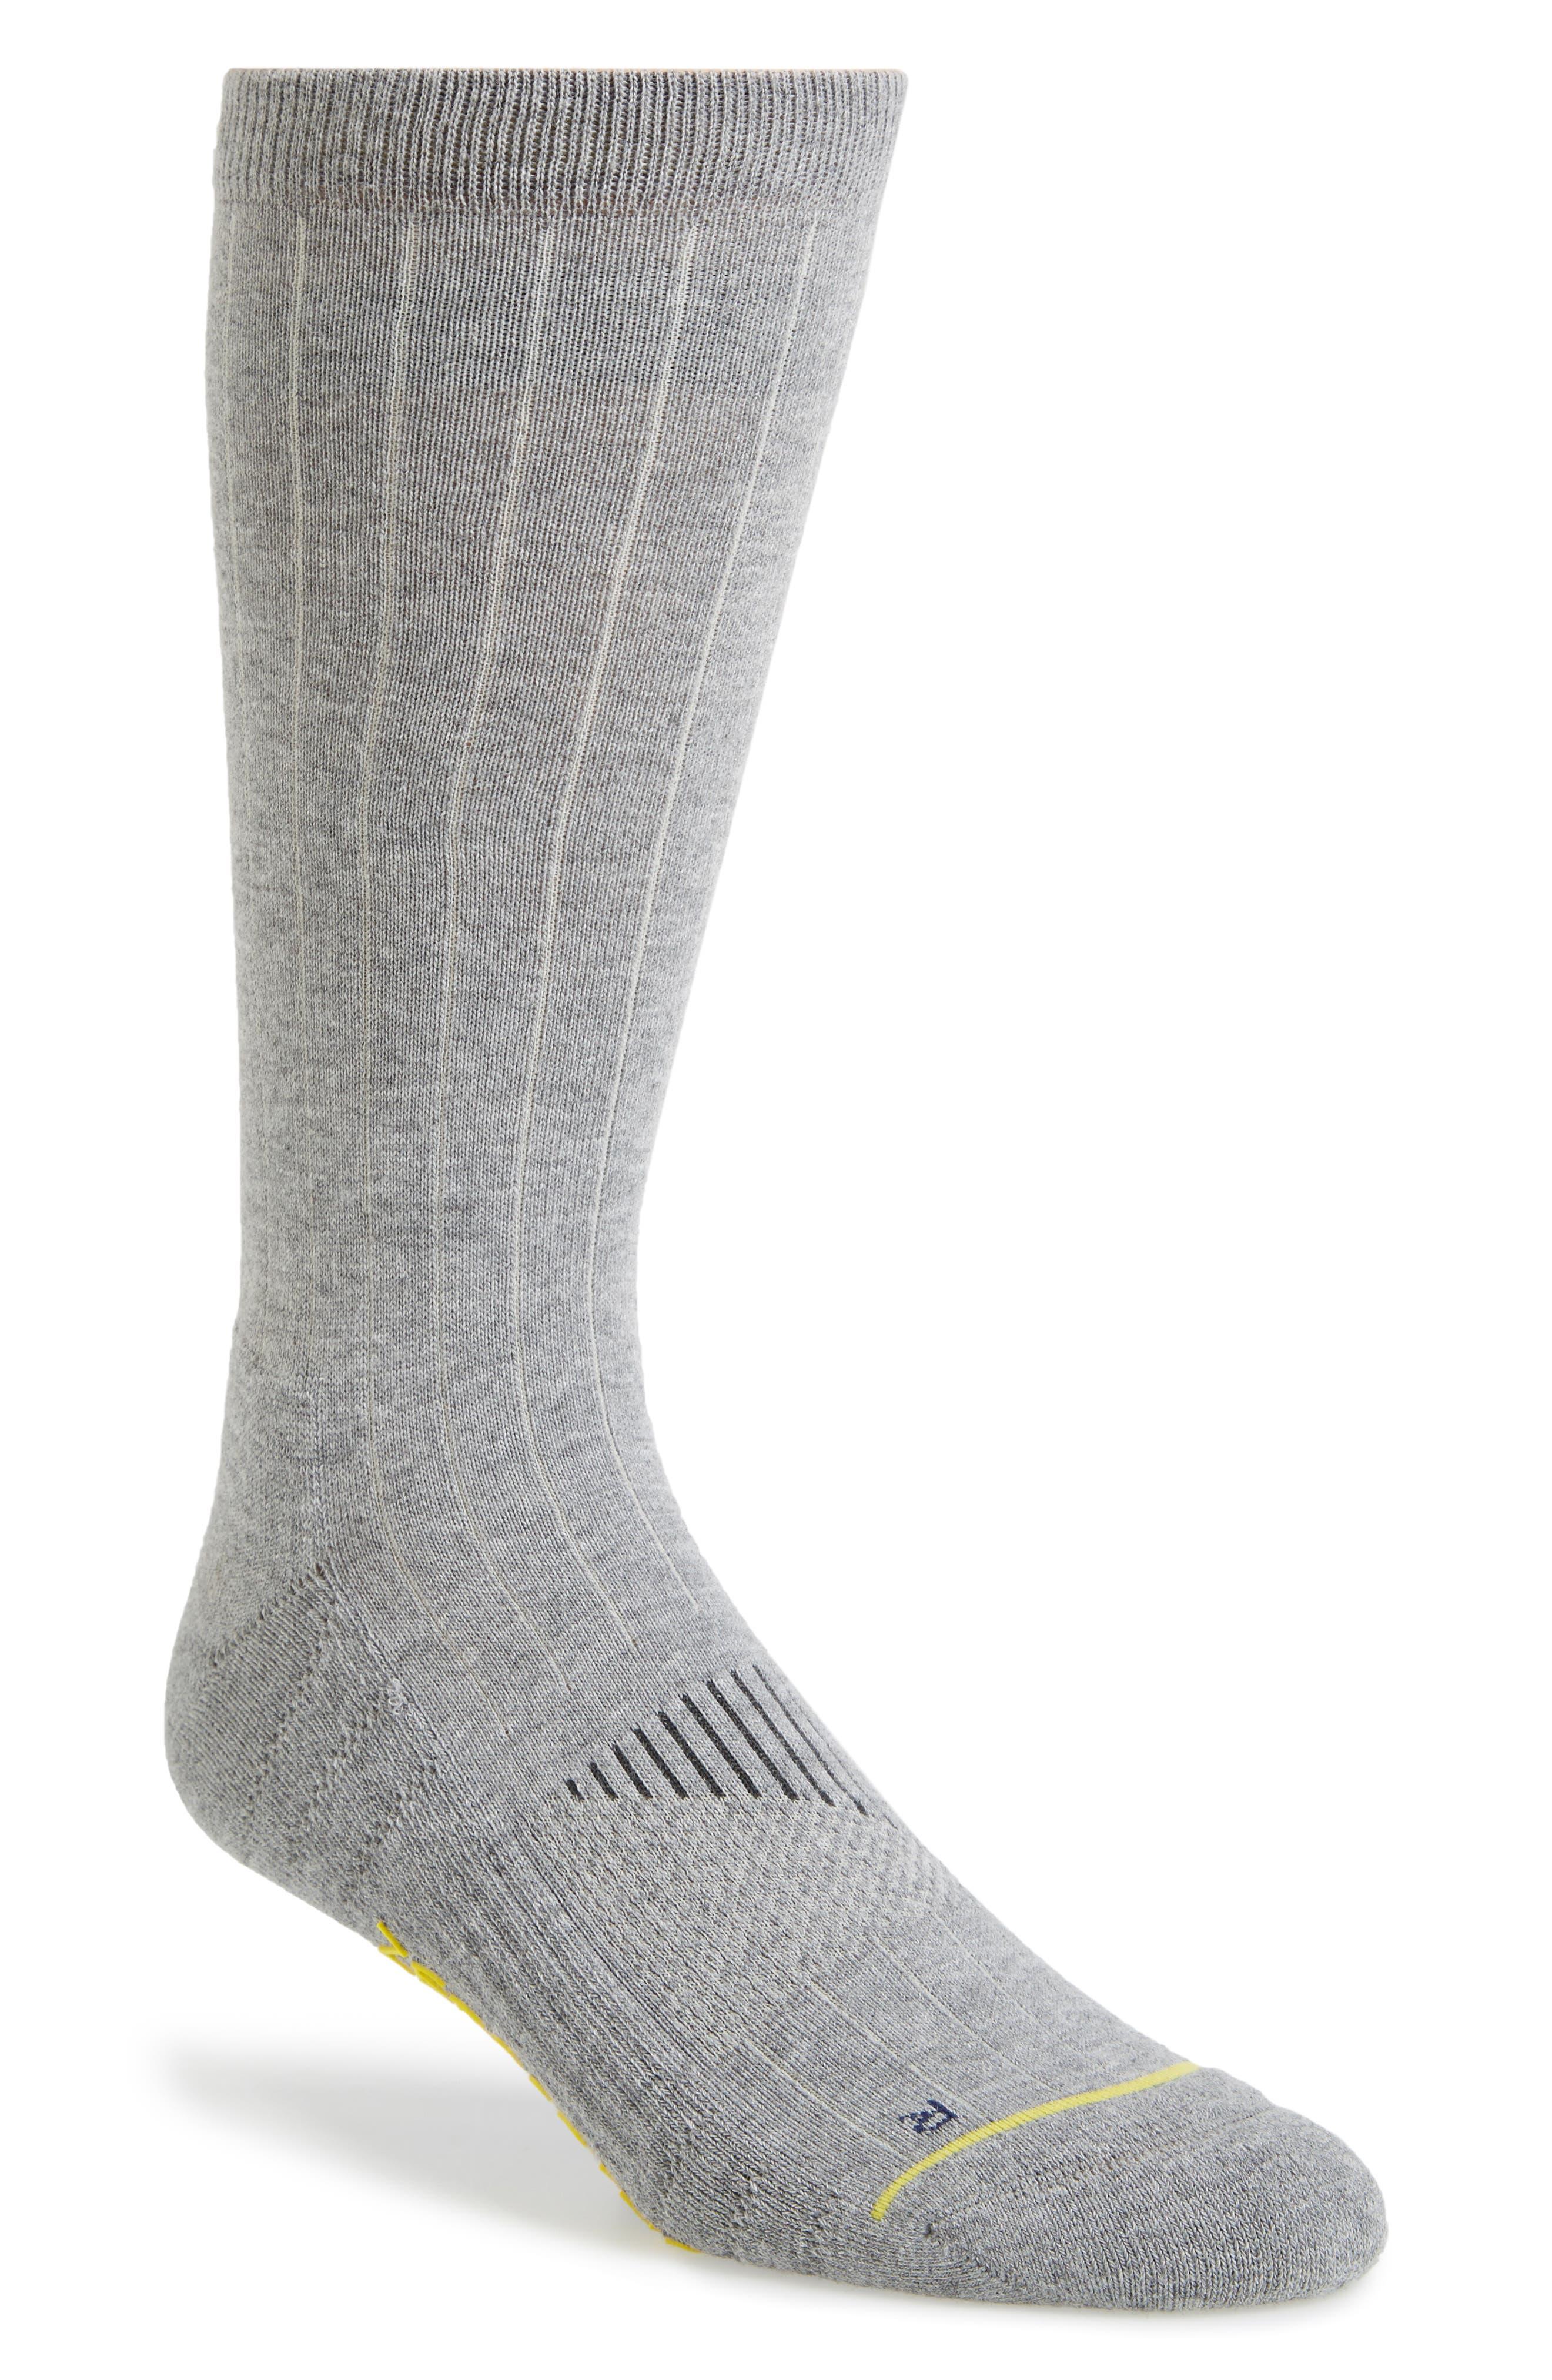 ZeroGrand Ribbed Crew Socks,                             Main thumbnail 1, color,                             Grey Heather